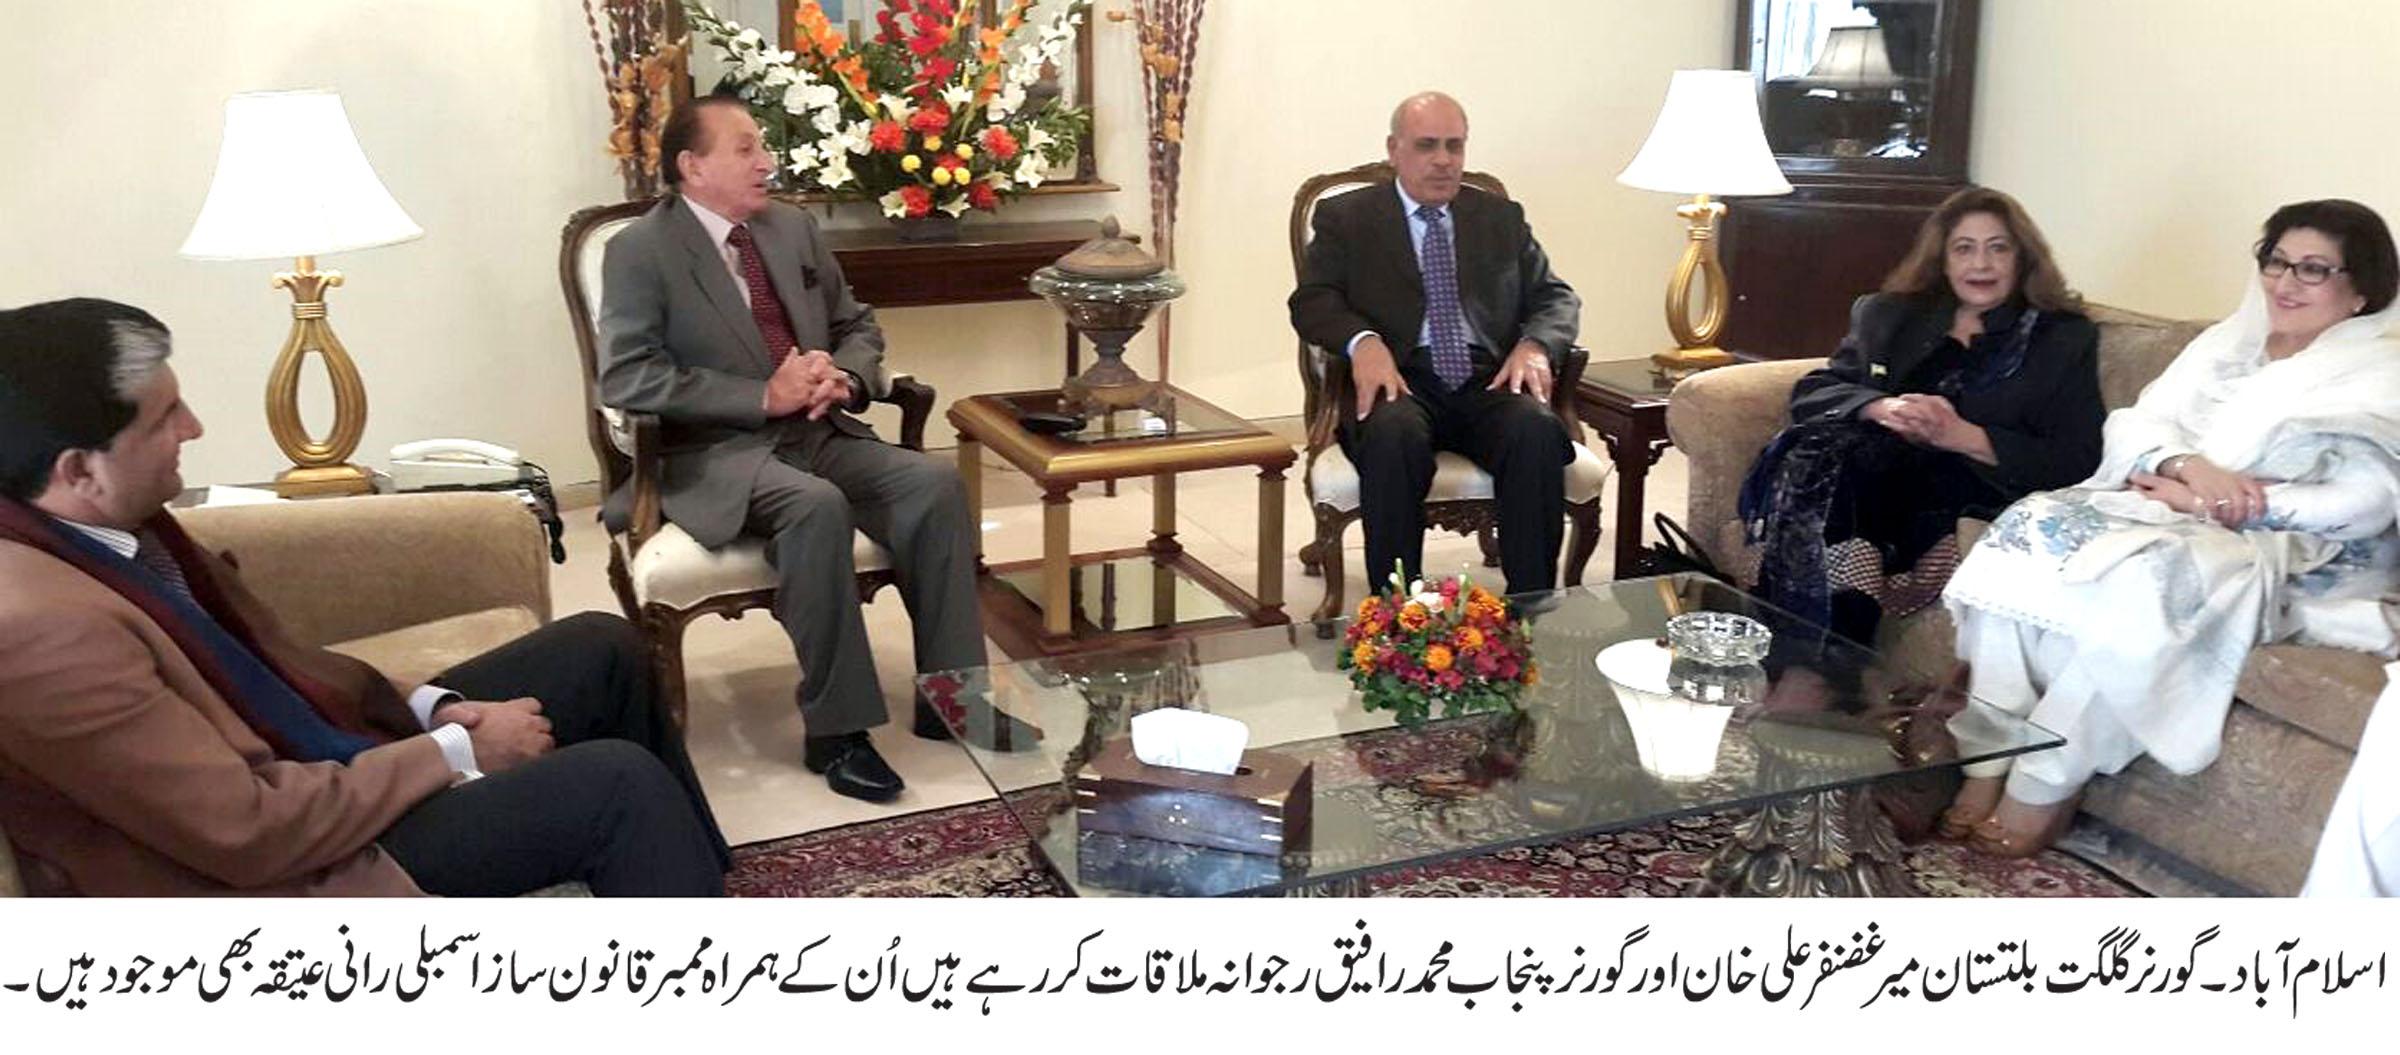 گورنر گلگت بلتستان سے گورنر پنجاب رفیق رجوانہ کی اسلام آباد میں ملاقات